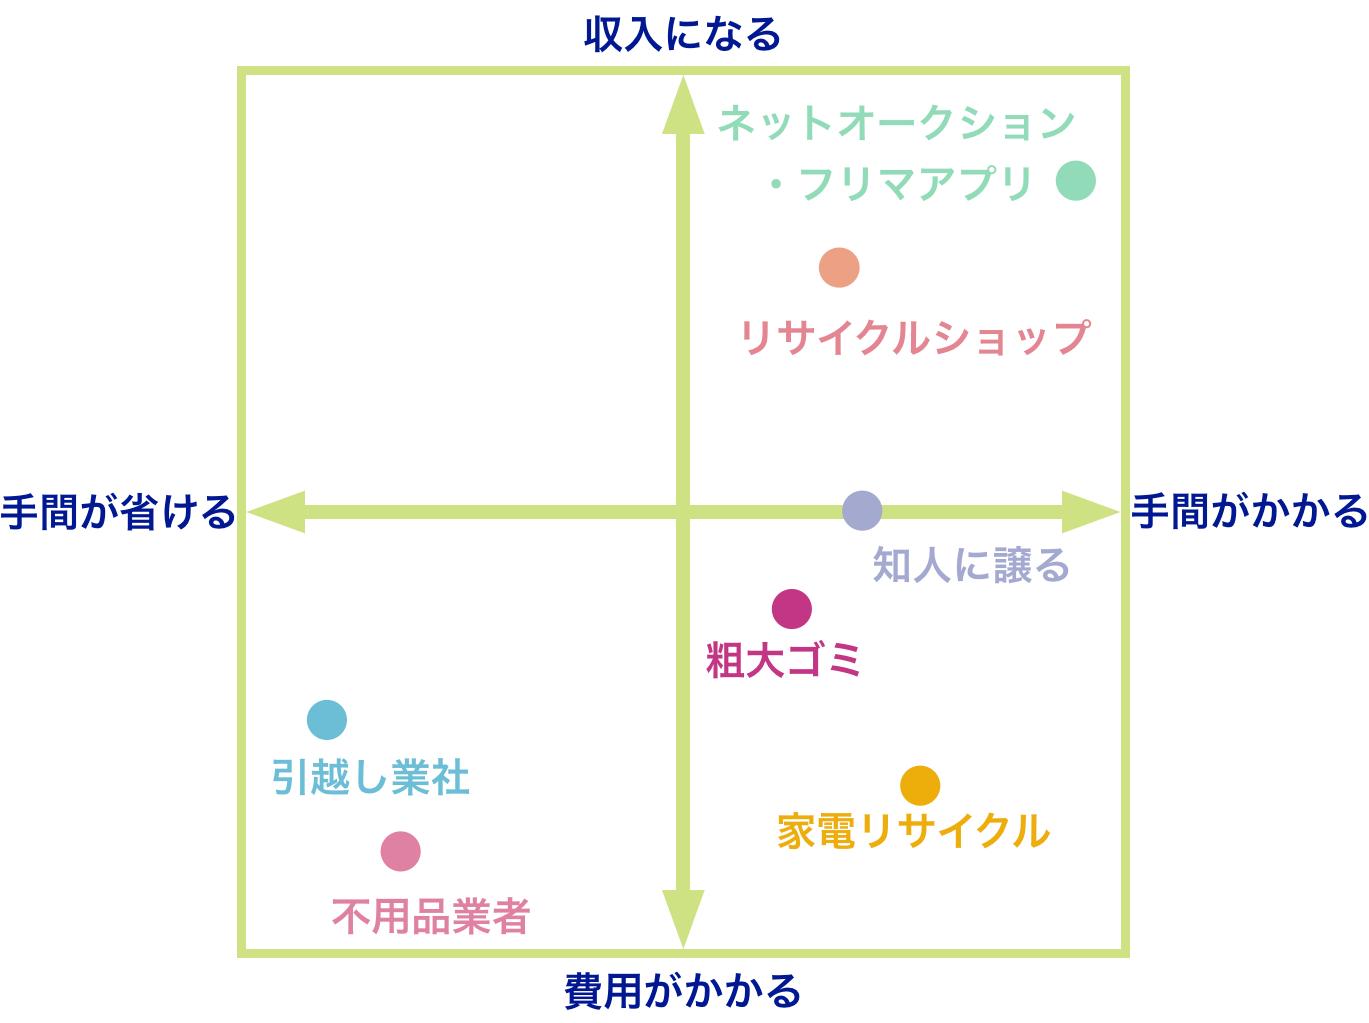 不用品の処分方法 分布図